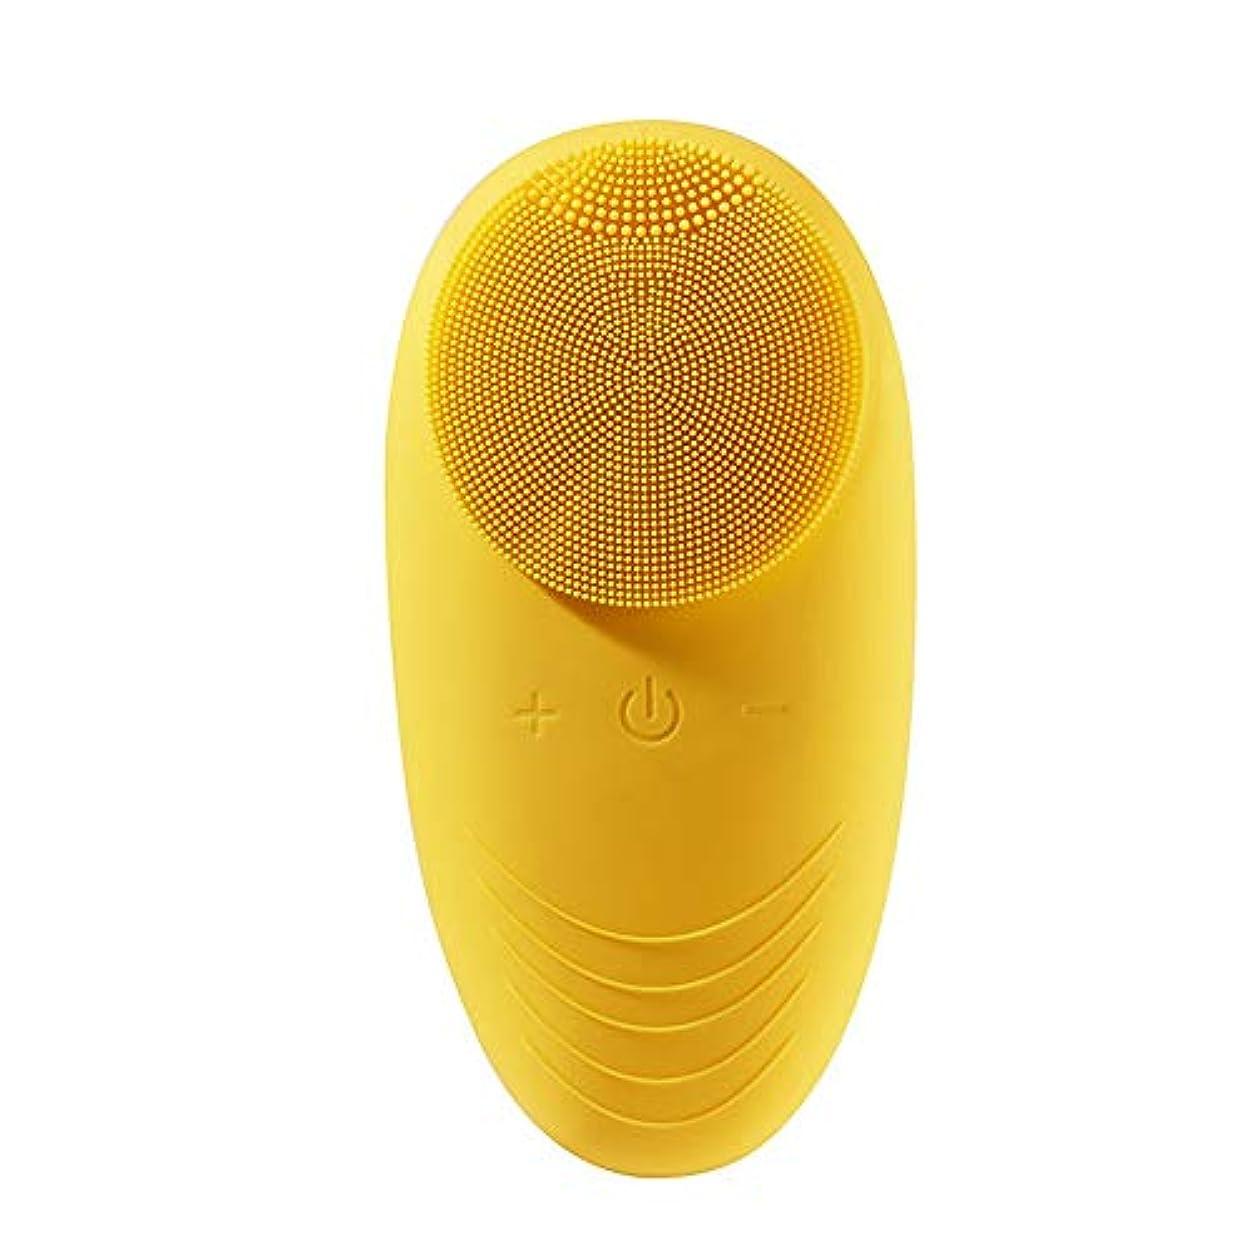 礼拝伴う無臭ZXF 電気シリコーン防水クレンジングブラシディープクリーニングポア超音波振動クレンジング器具美容器具 滑らかである (色 : Yellow)